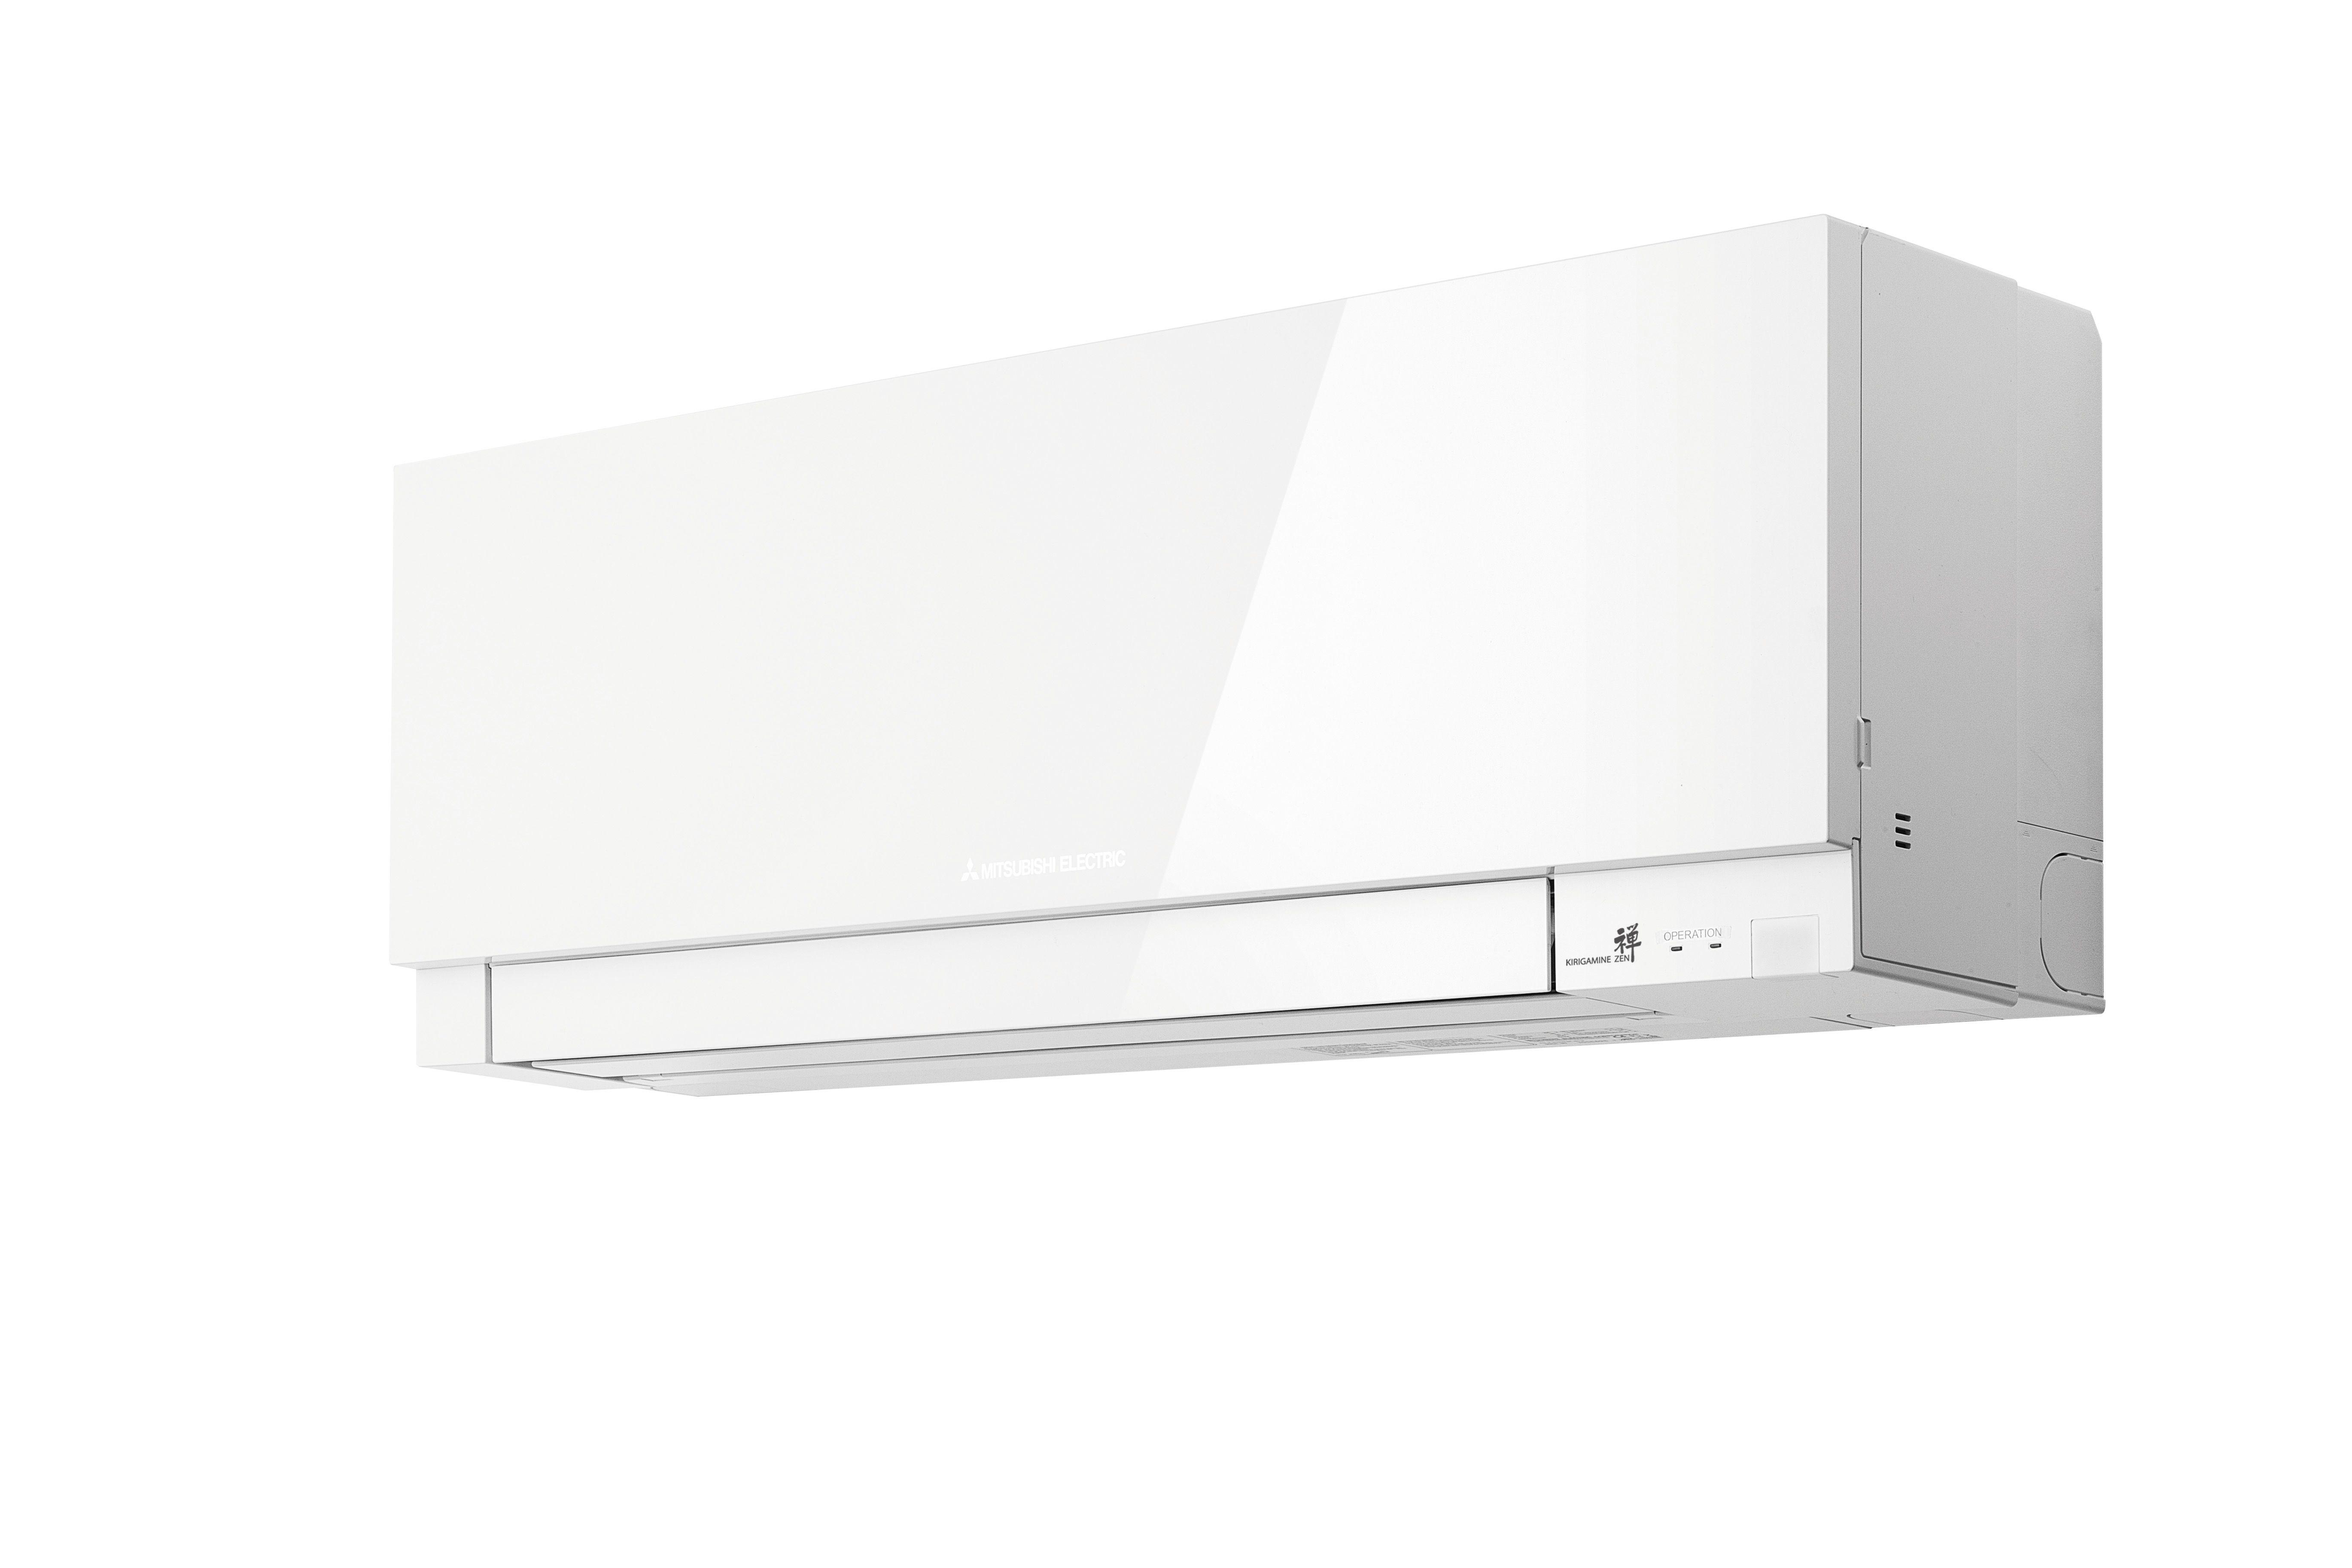 mitsubishi msz ef25 veh fokus p detaljerne dansk varme. Black Bedroom Furniture Sets. Home Design Ideas